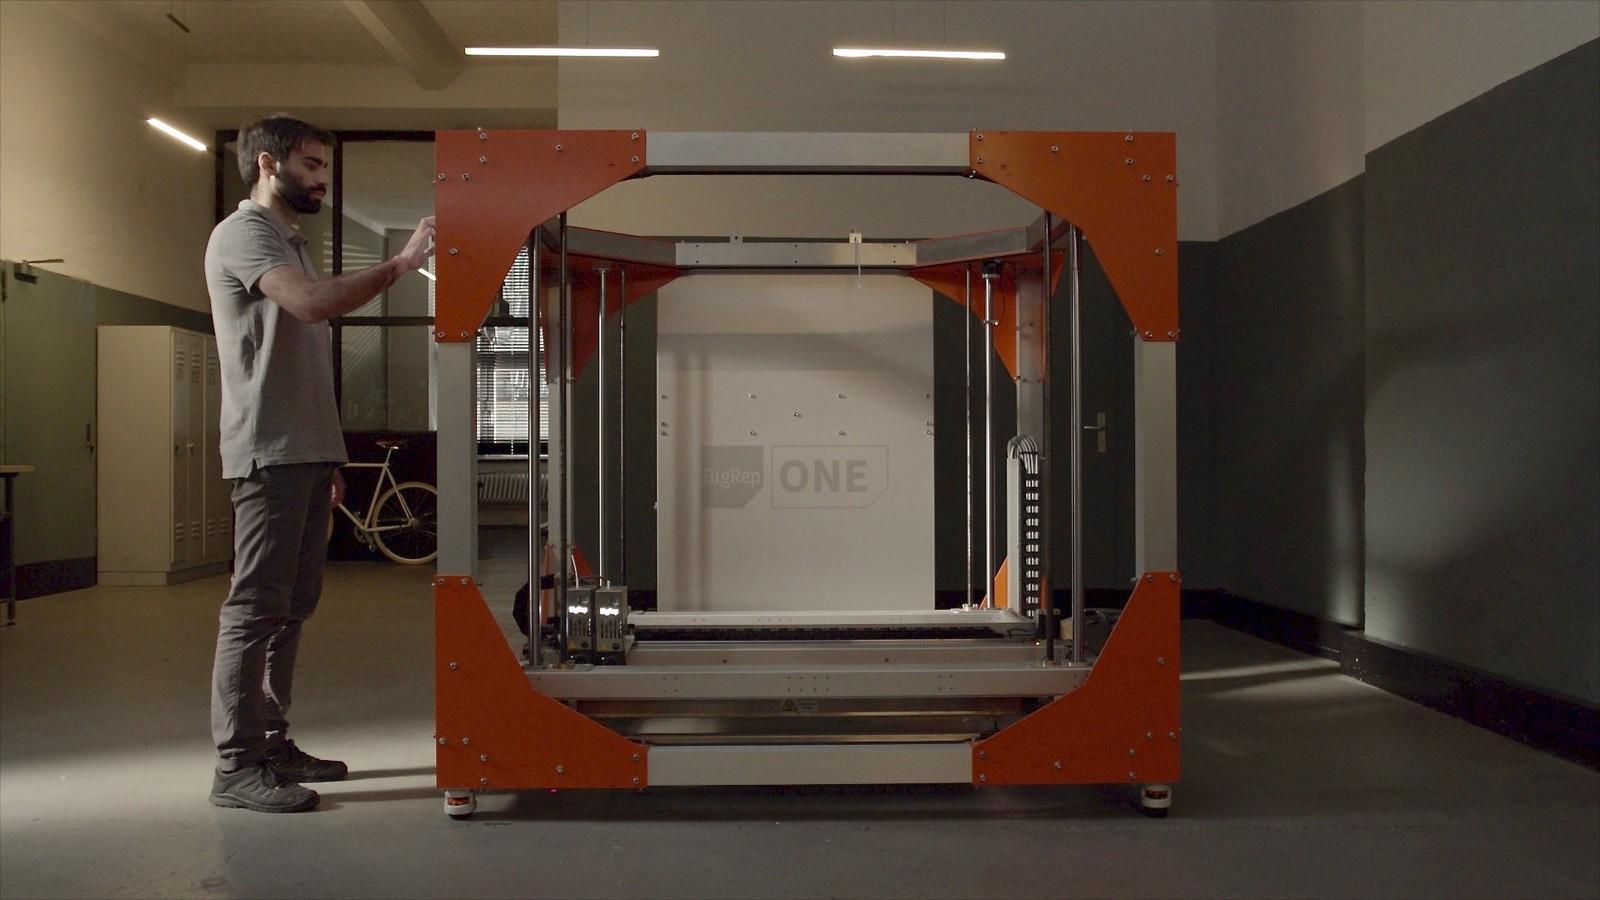 Der 3D-Drucker One von Big Rep wird bei Ethiad für die Herstellung von Vorlagen, Einrichtungs- und Kabinenteilen vor Ort eingesetzt.